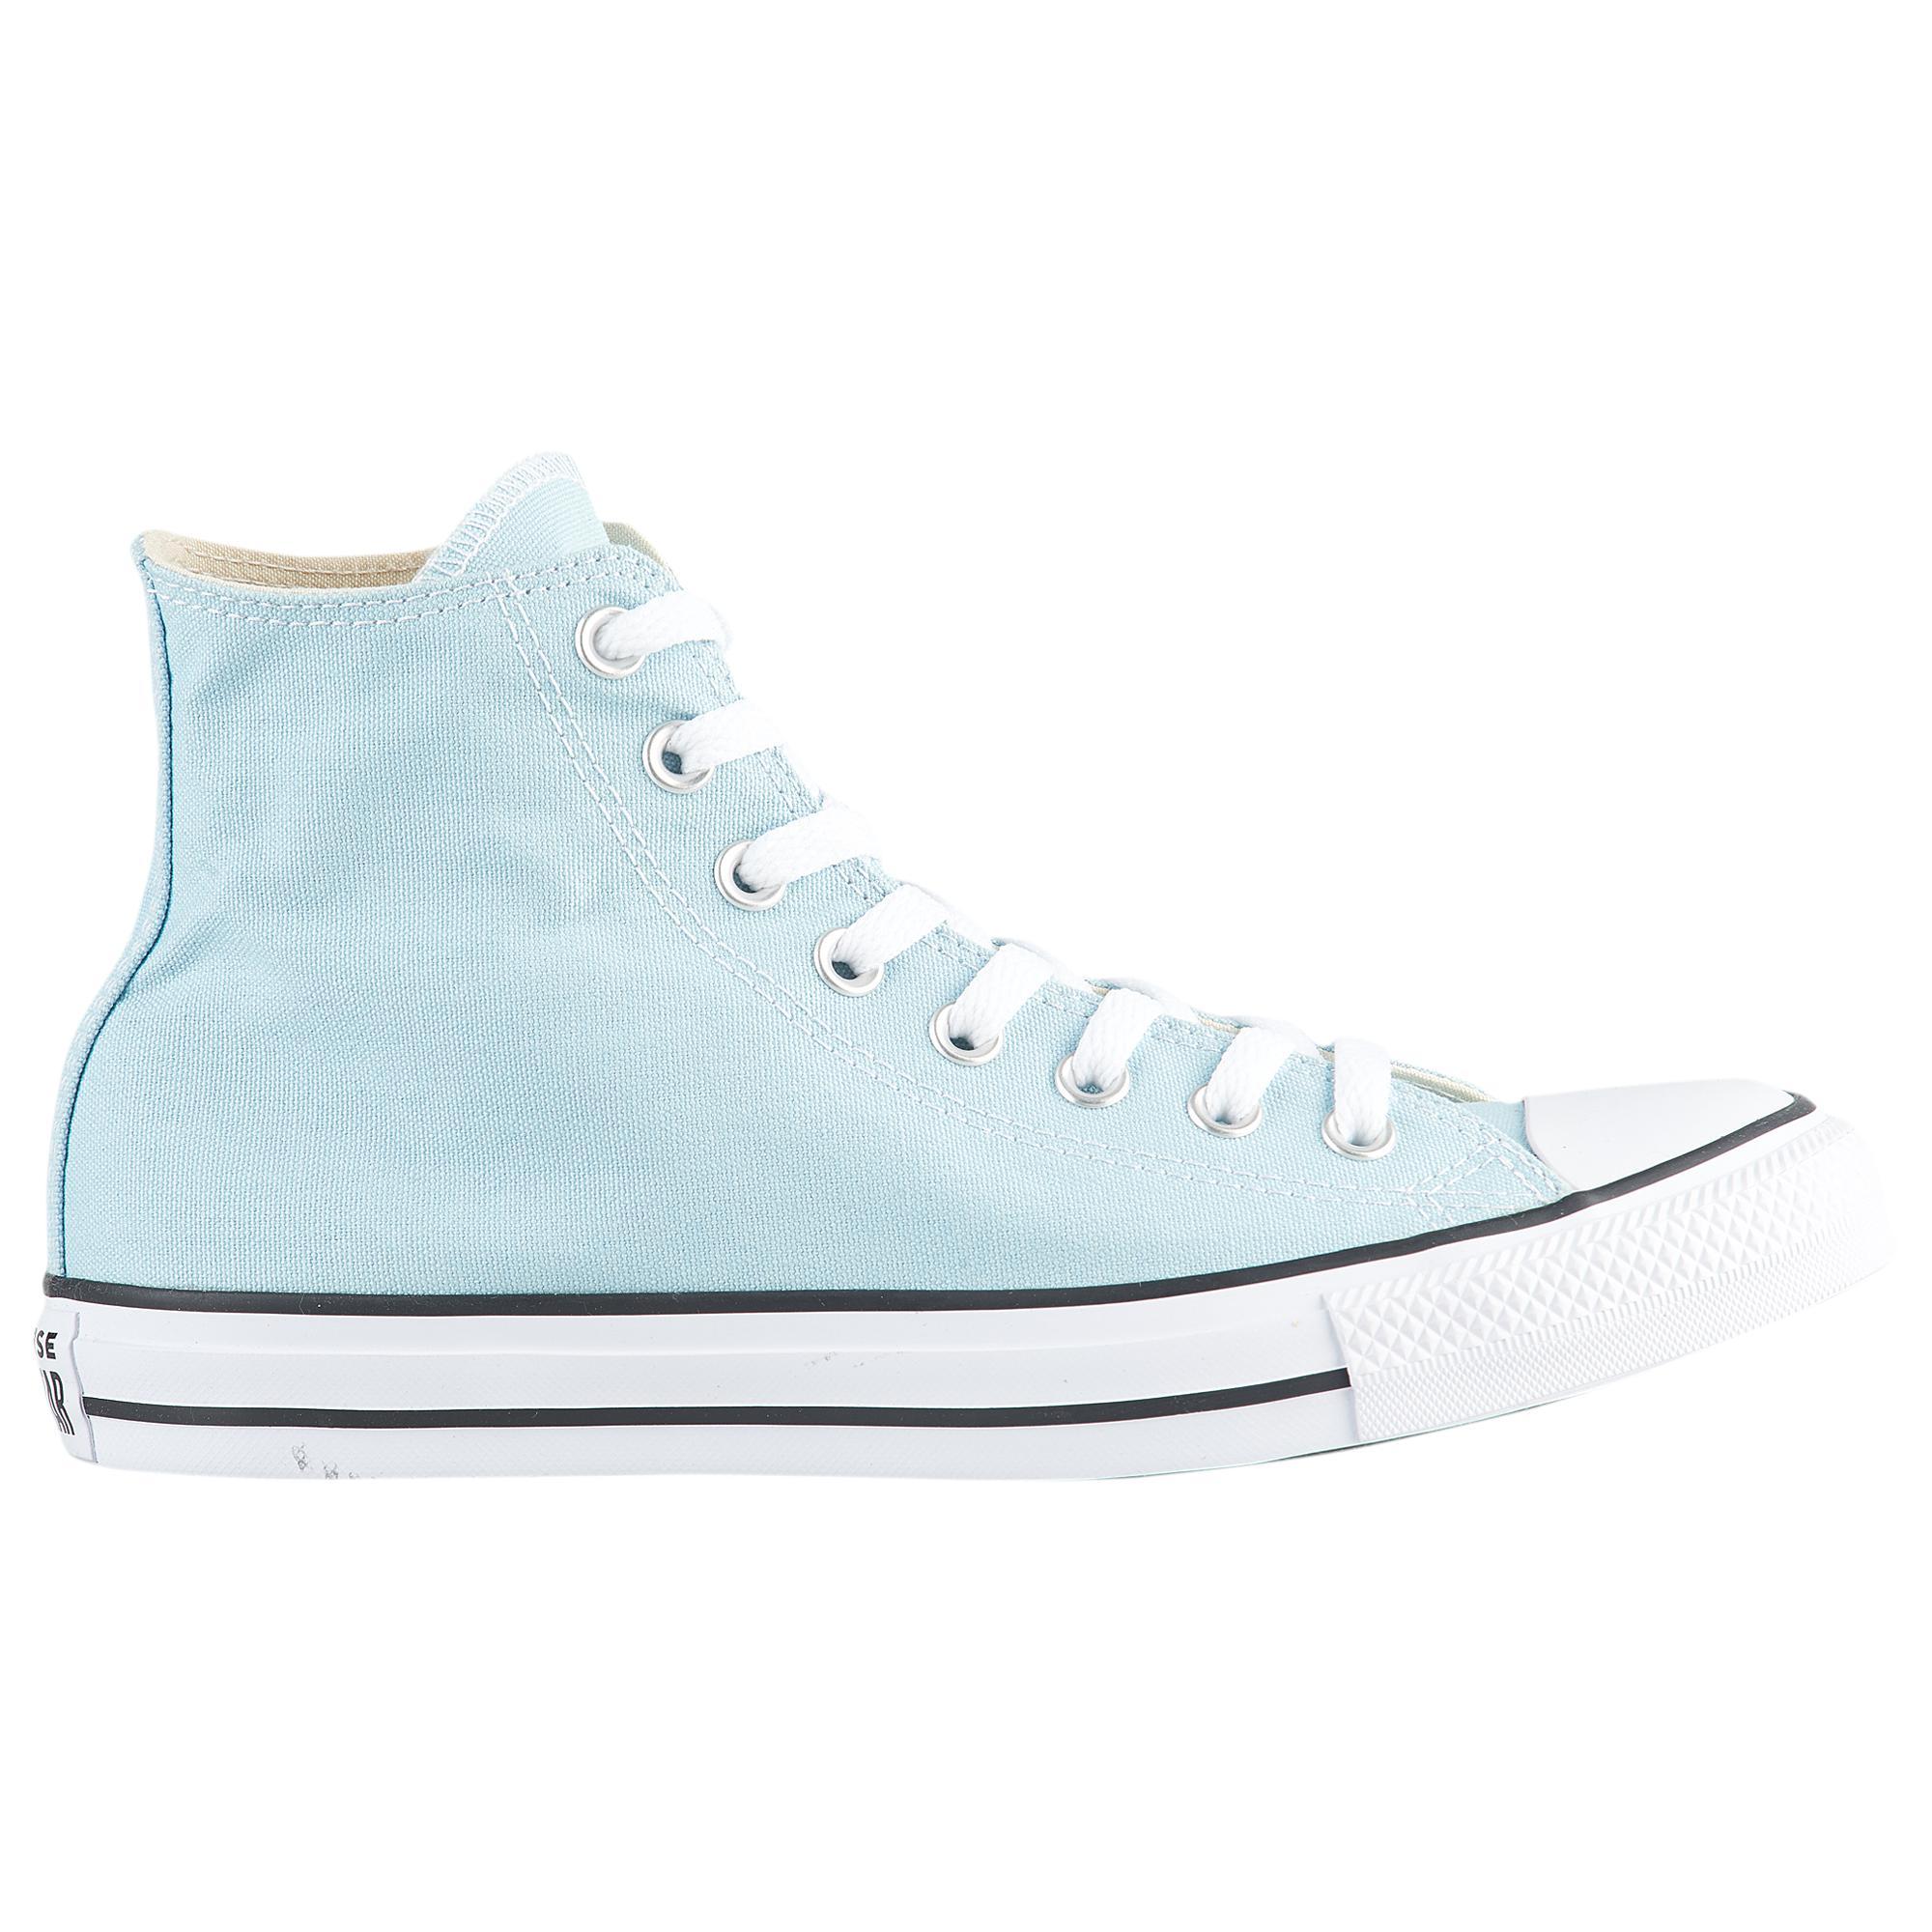 a687ada69ce4 Lyst - Converse All Star Hi in Blue